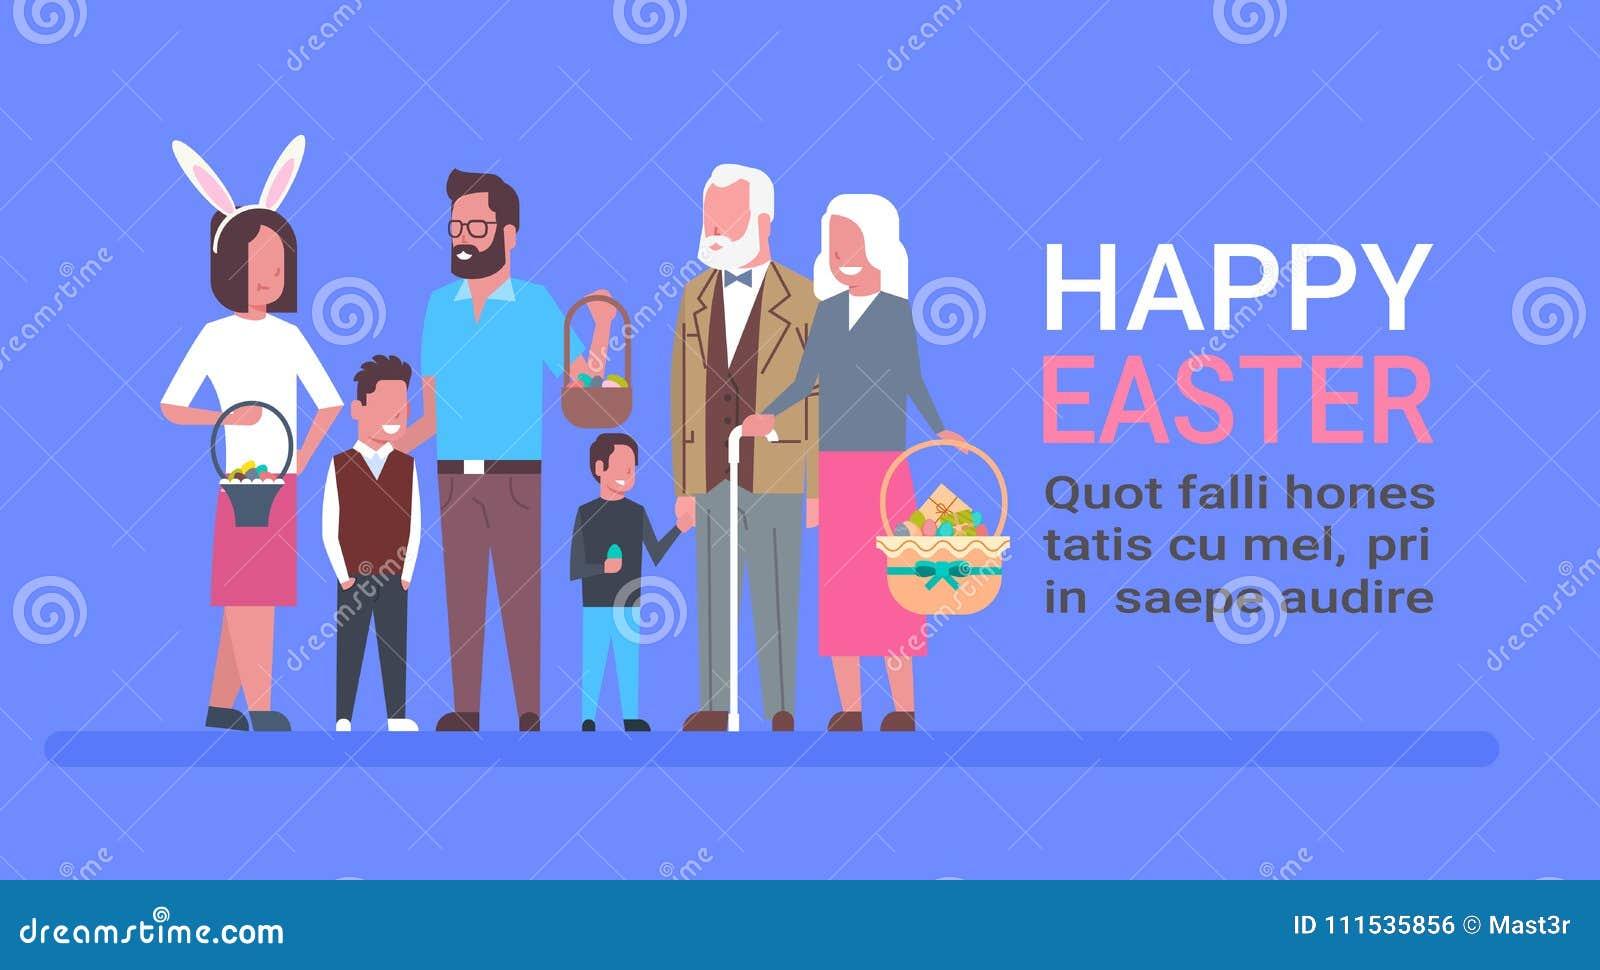 La Familia Grande Celebra El Cartel Feliz De La Plantilla De Pascua ...